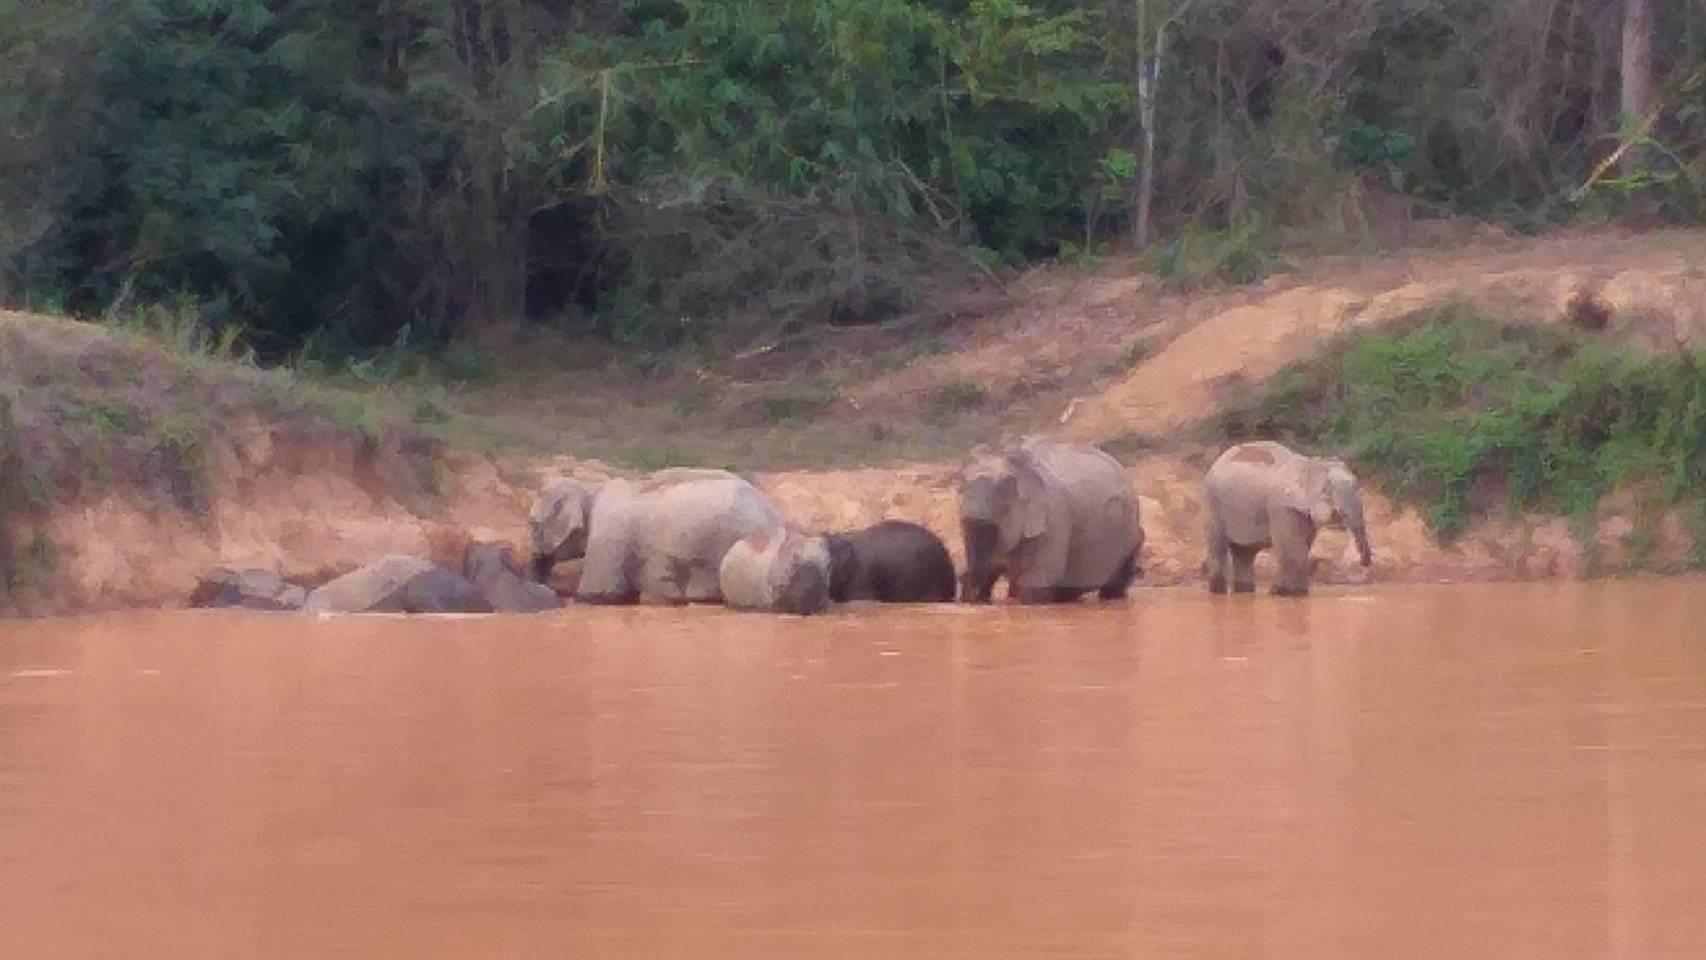 ภาพช้างป่าเล่นน้ำคลายร้อน ในพื้นที่อุทยานแห่งชาติแก่งกระจาน เจ้าหน้าที่ดูแลความปลอดภัยเข้ม